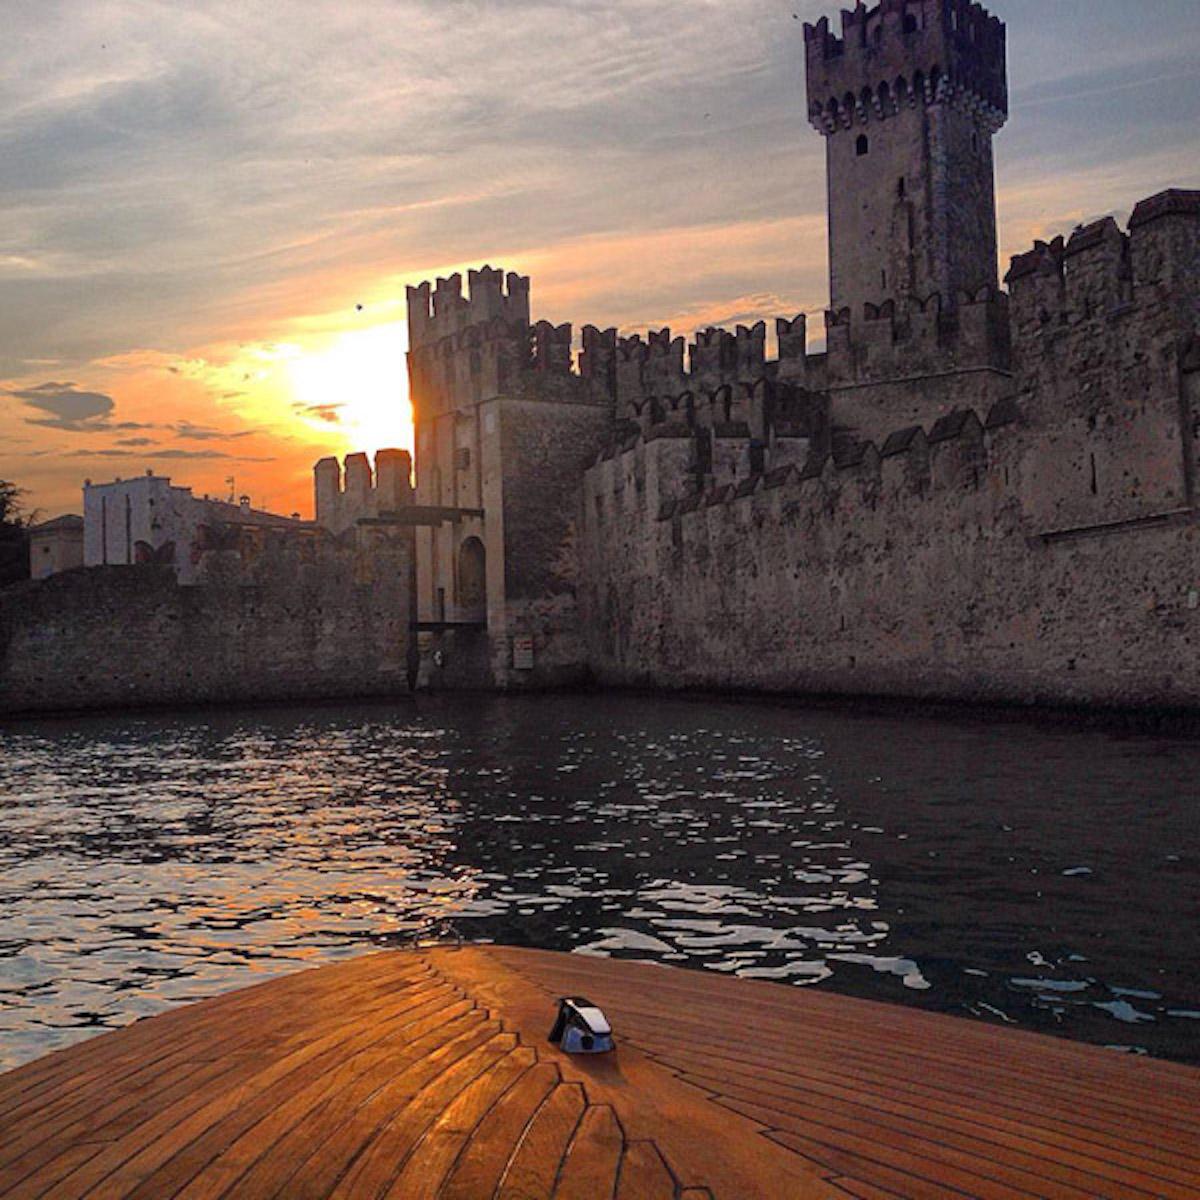 Tramonto Castello Scaligero Sirmione